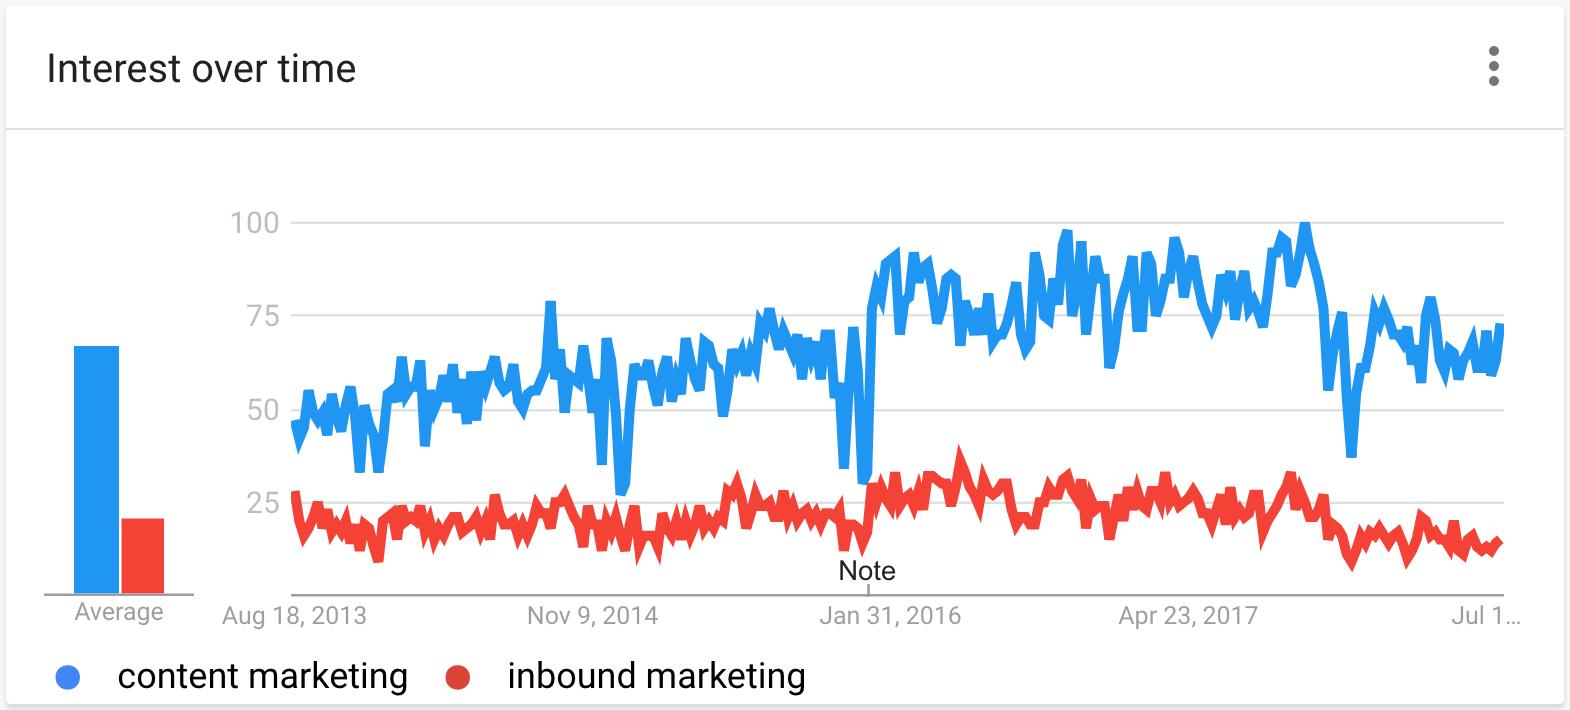 Google Xu hướng - Sở thích theo thời gian - So sánh